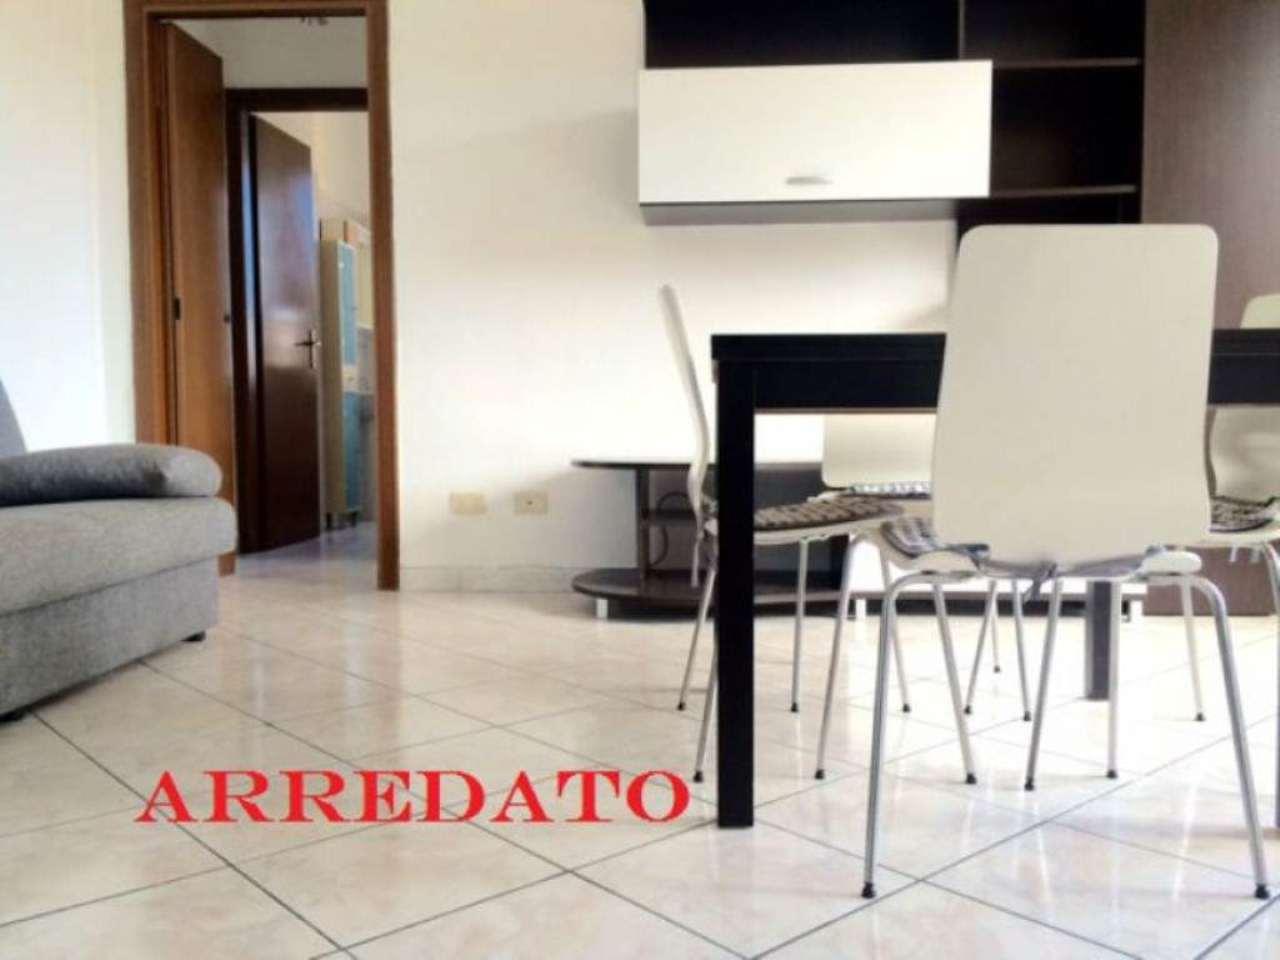 Appartamento in affitto a Busto Arsizio, 2 locali, prezzo € 76.000 | Cambio Casa.it